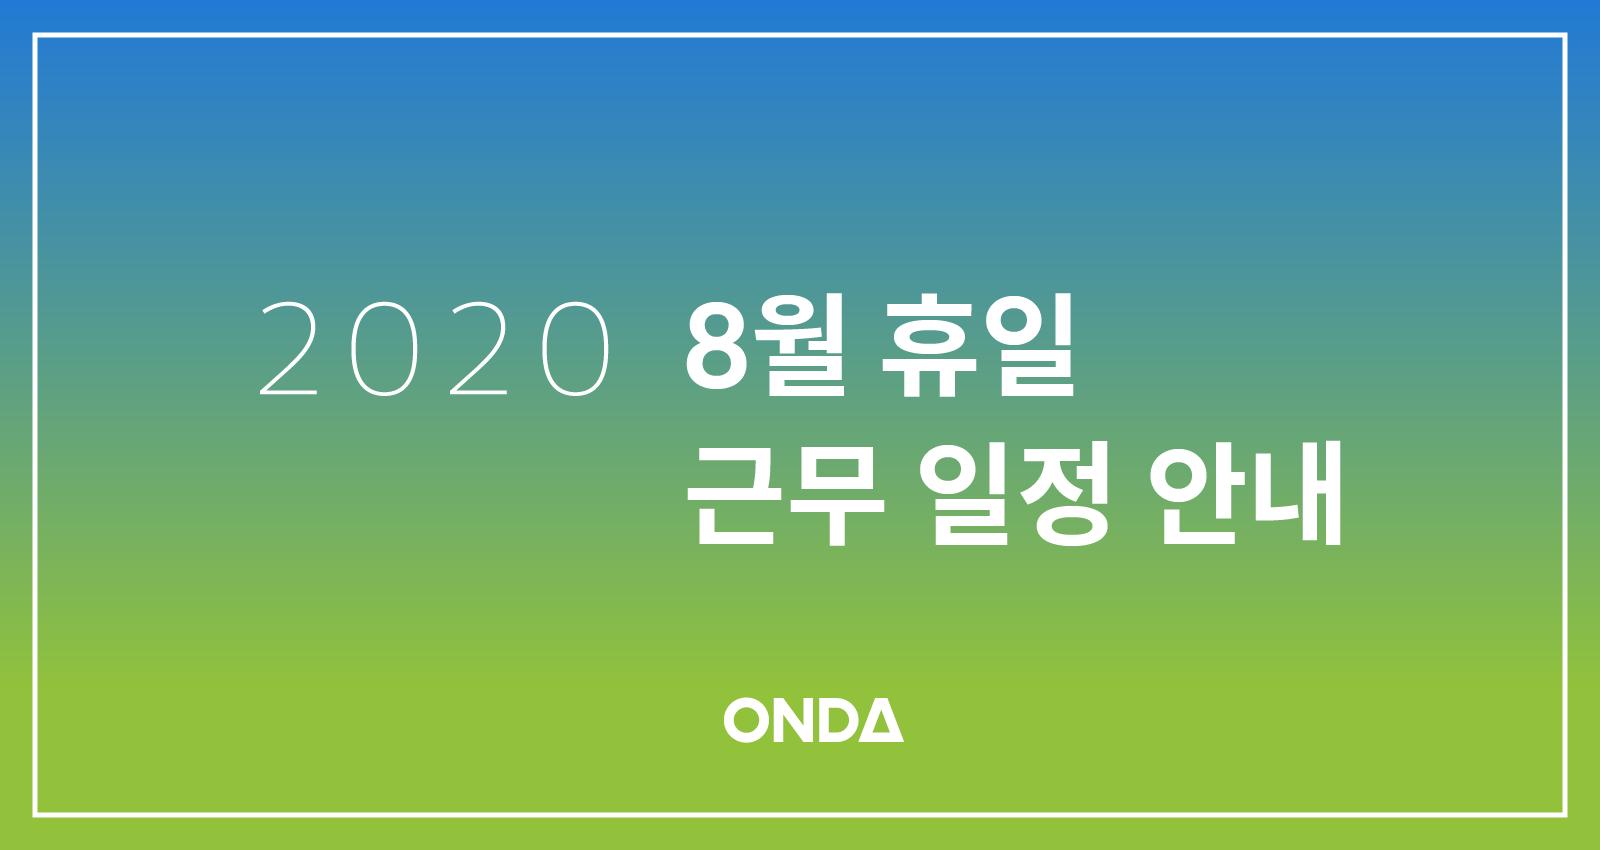 [공지] ONDA 8월 휴일 근무 일정 안내